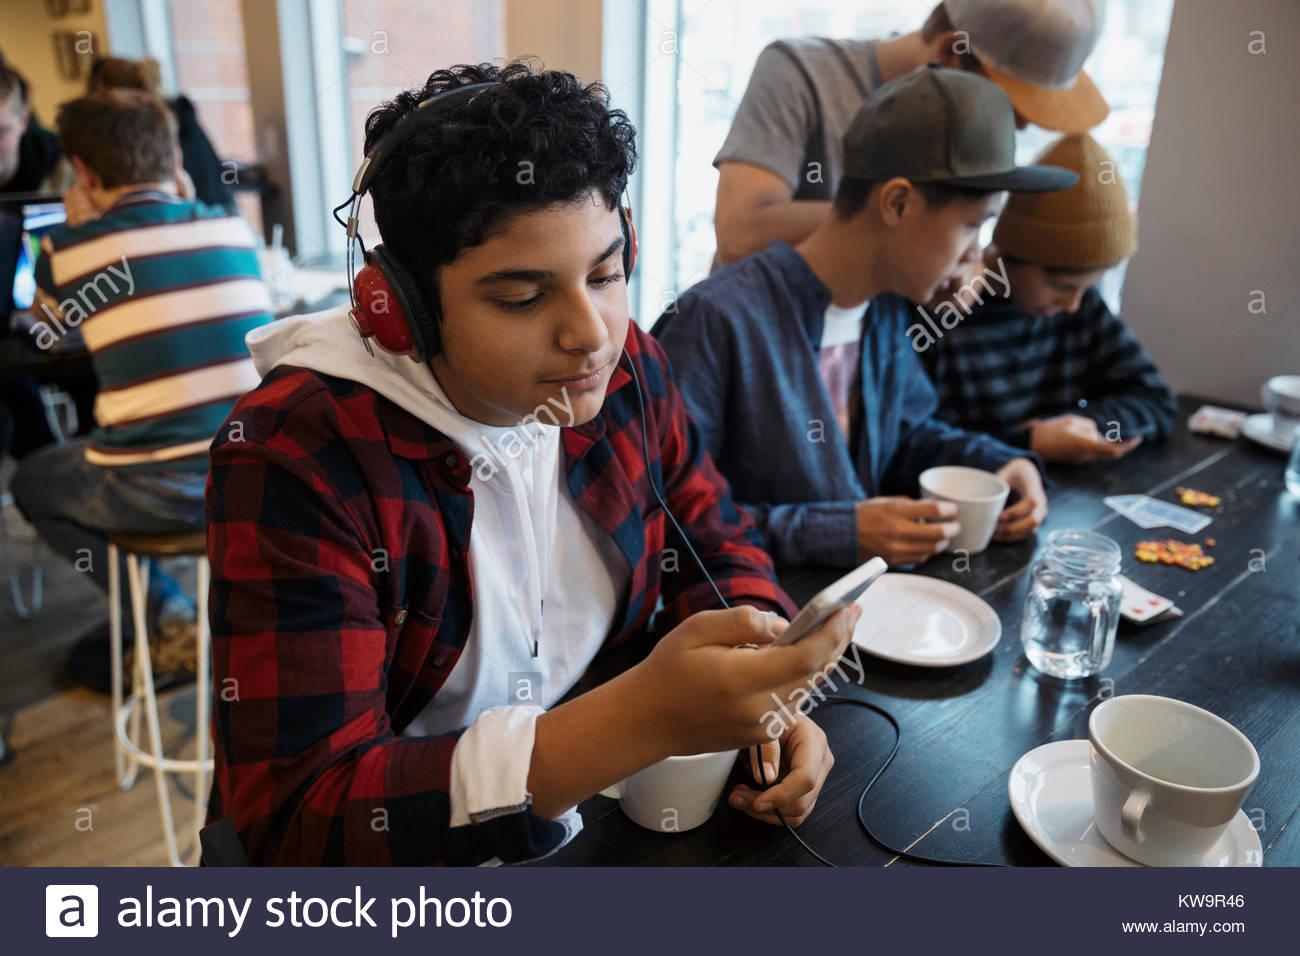 Im Nahen und Mittleren Osten tween Junge mit Kopfhörer Musik hören mit Smart Phone im Cafe Tabelle Stockbild